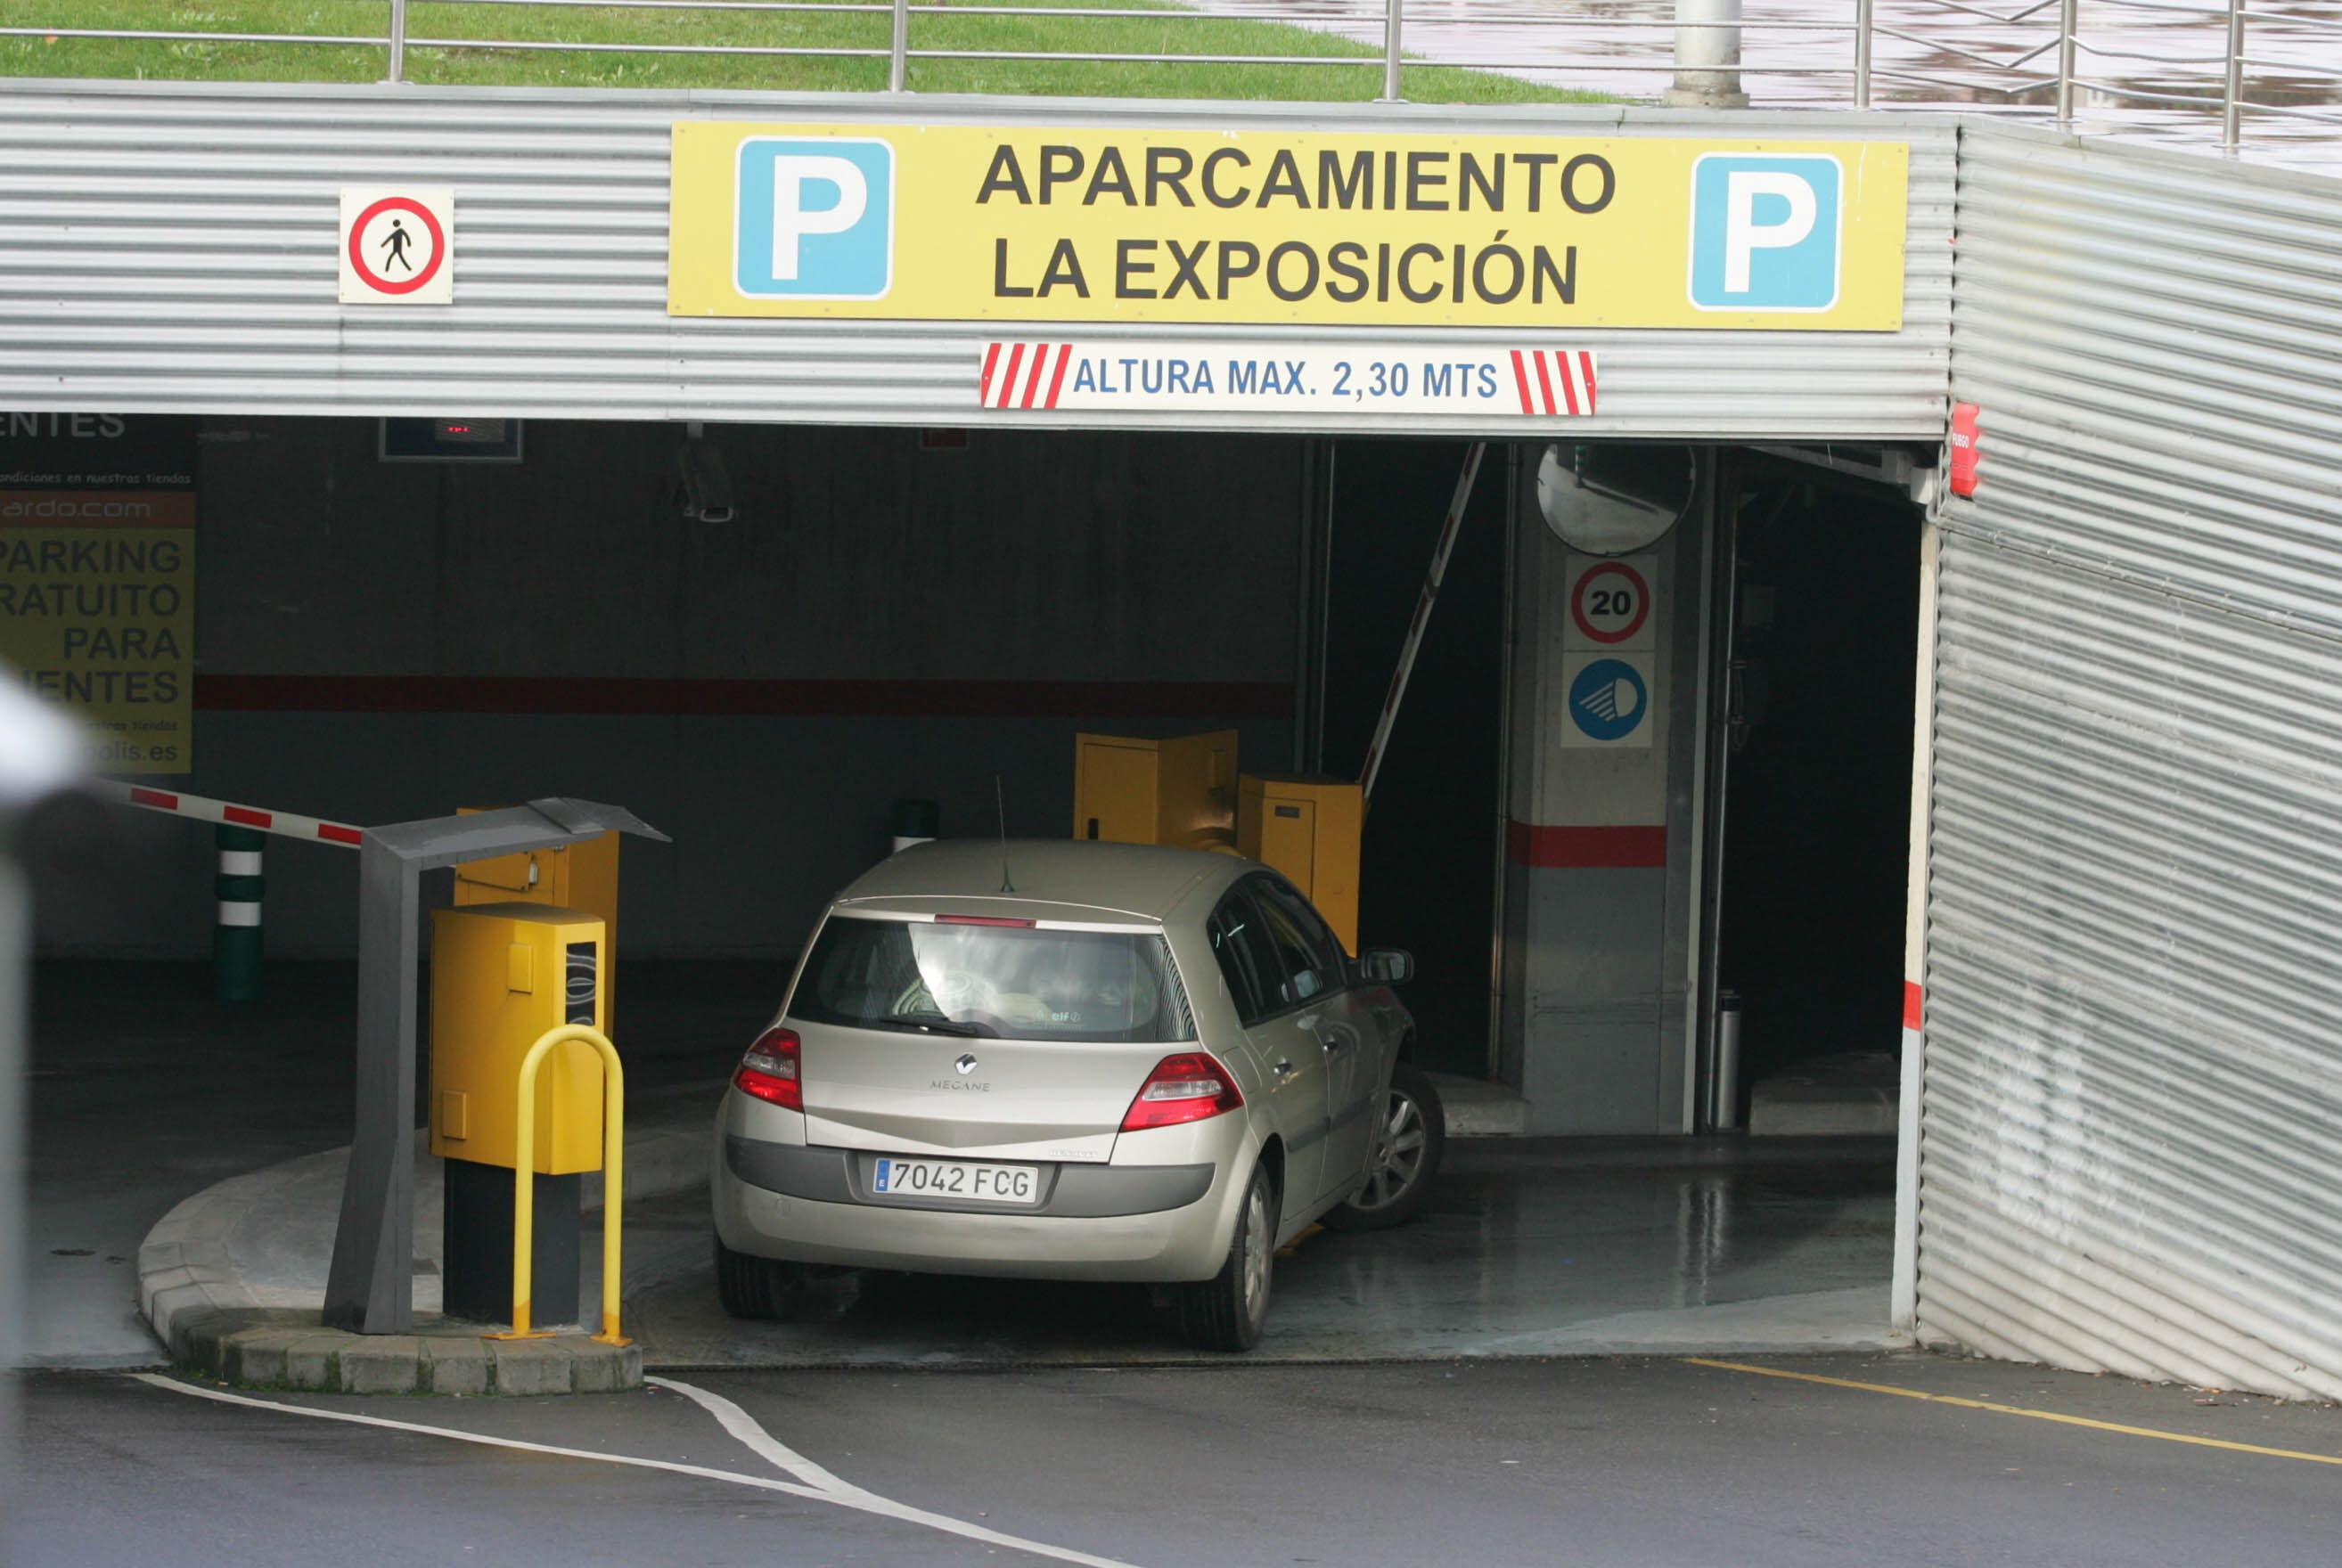 El aparcamiento La Exposición recibe una treintena de solicitudes de compra de plazas